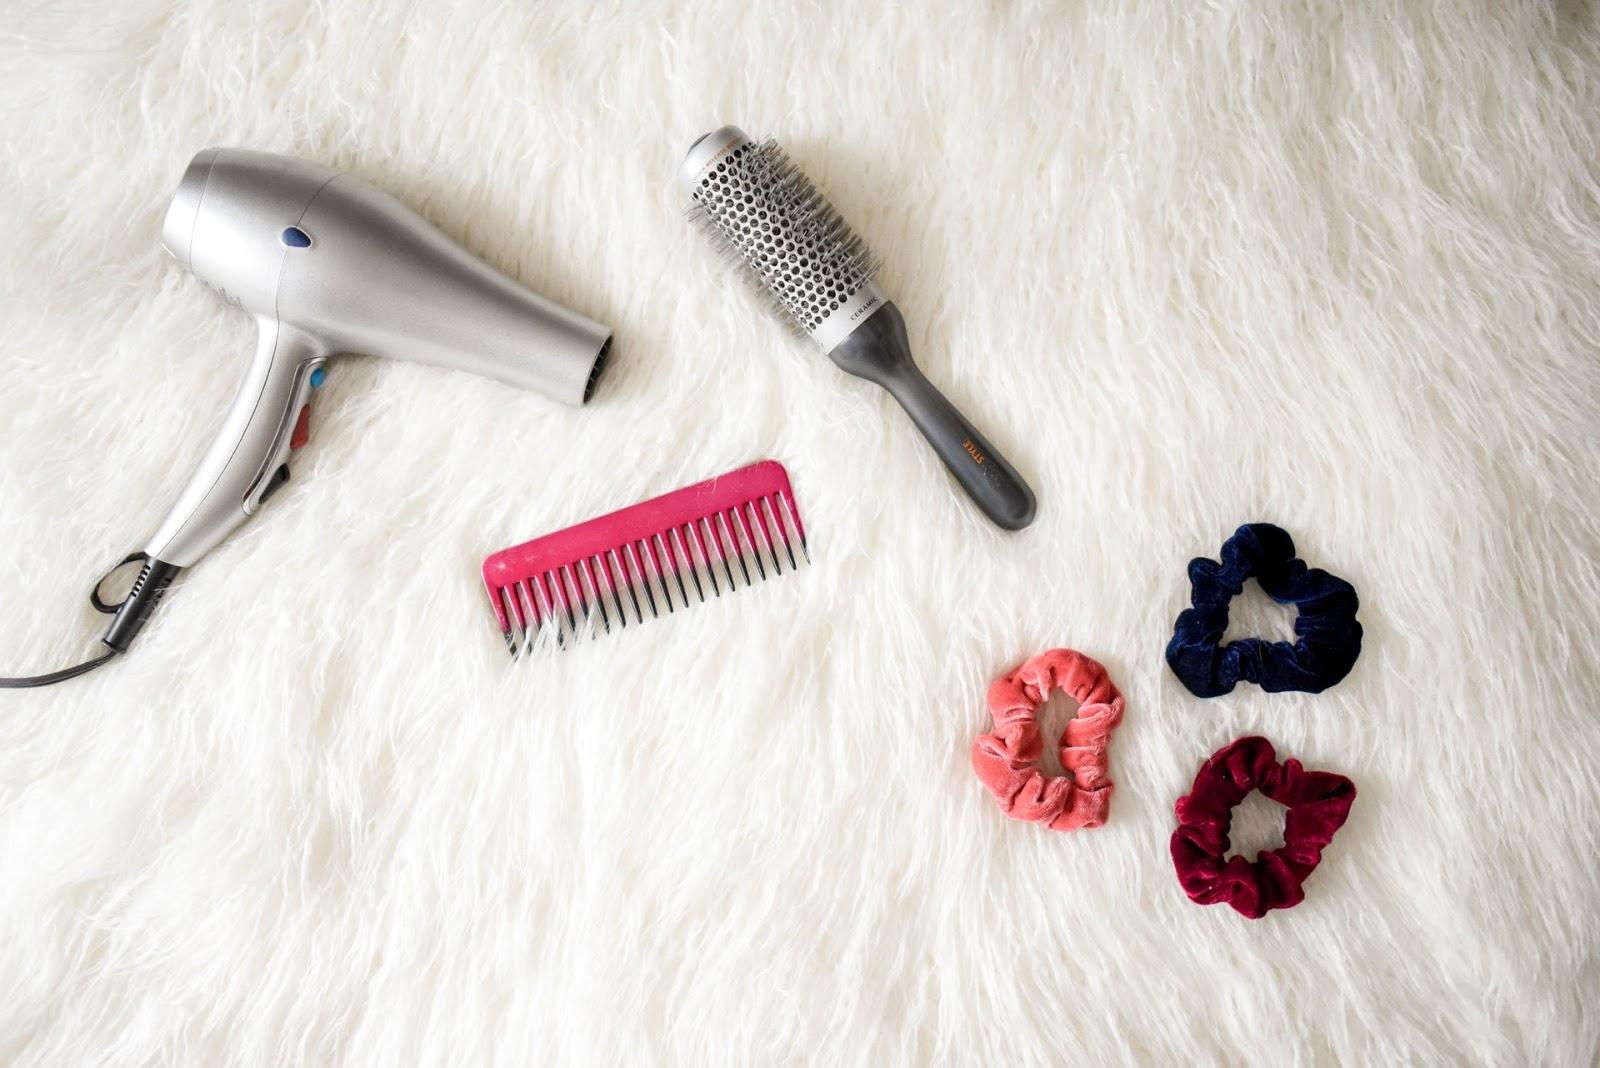 Apakah Rambut Wanita Yang Rontok Aurat?